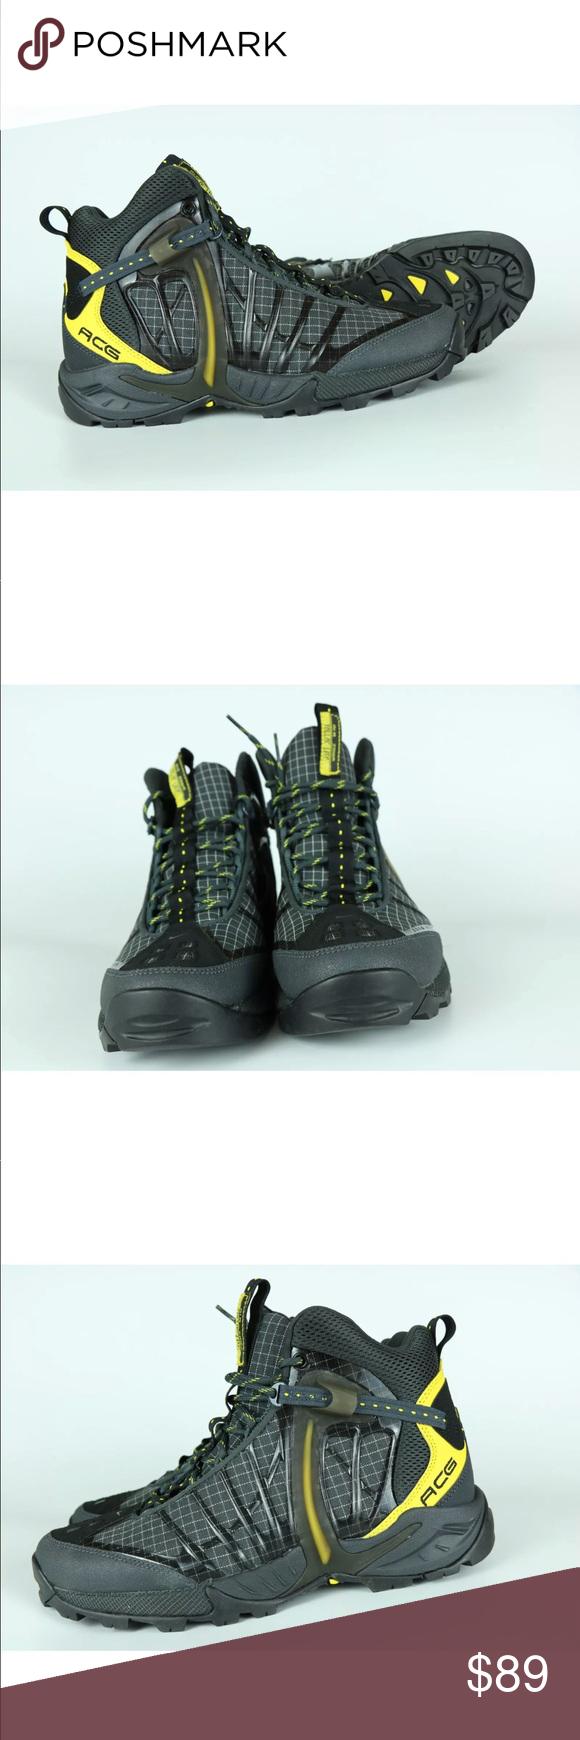 e013cdeffad8 Nike ACG Air Zoom Tallac Lite Hike Boot Blk Yellow Nike ACG Air Zoom Tallac